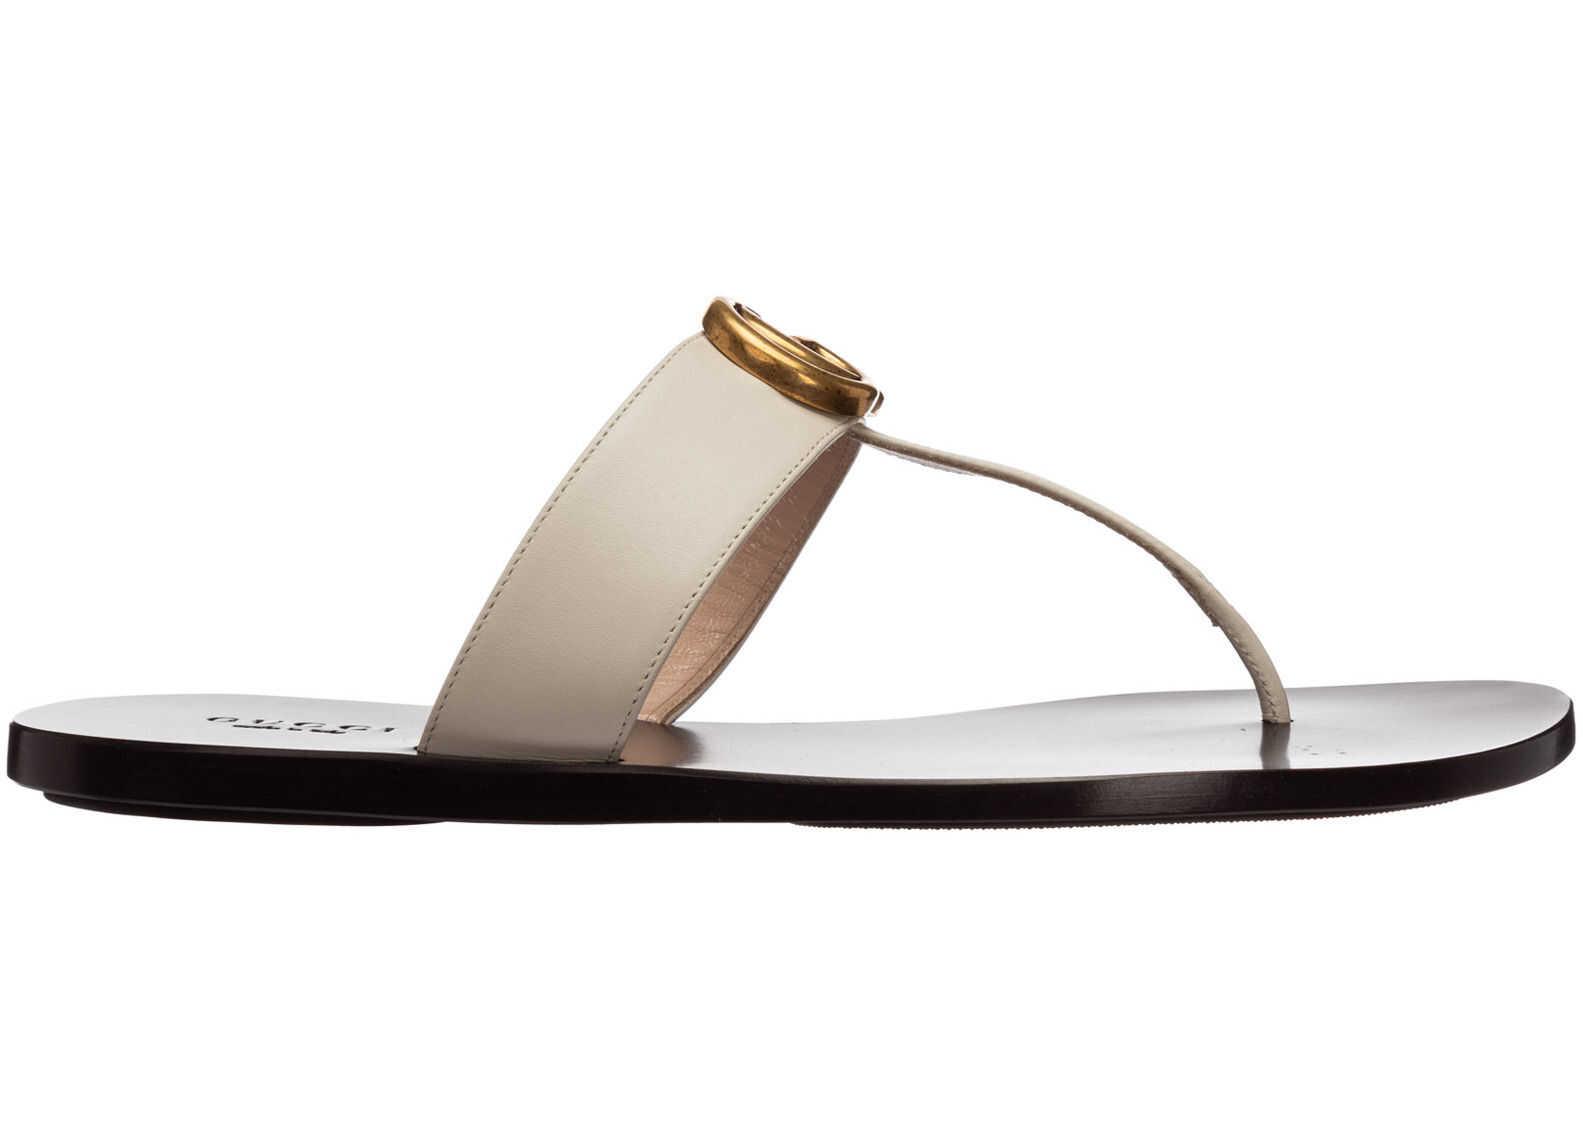 Gucci Flops Sandals 497444A3N009022 White imagine b-mall.ro